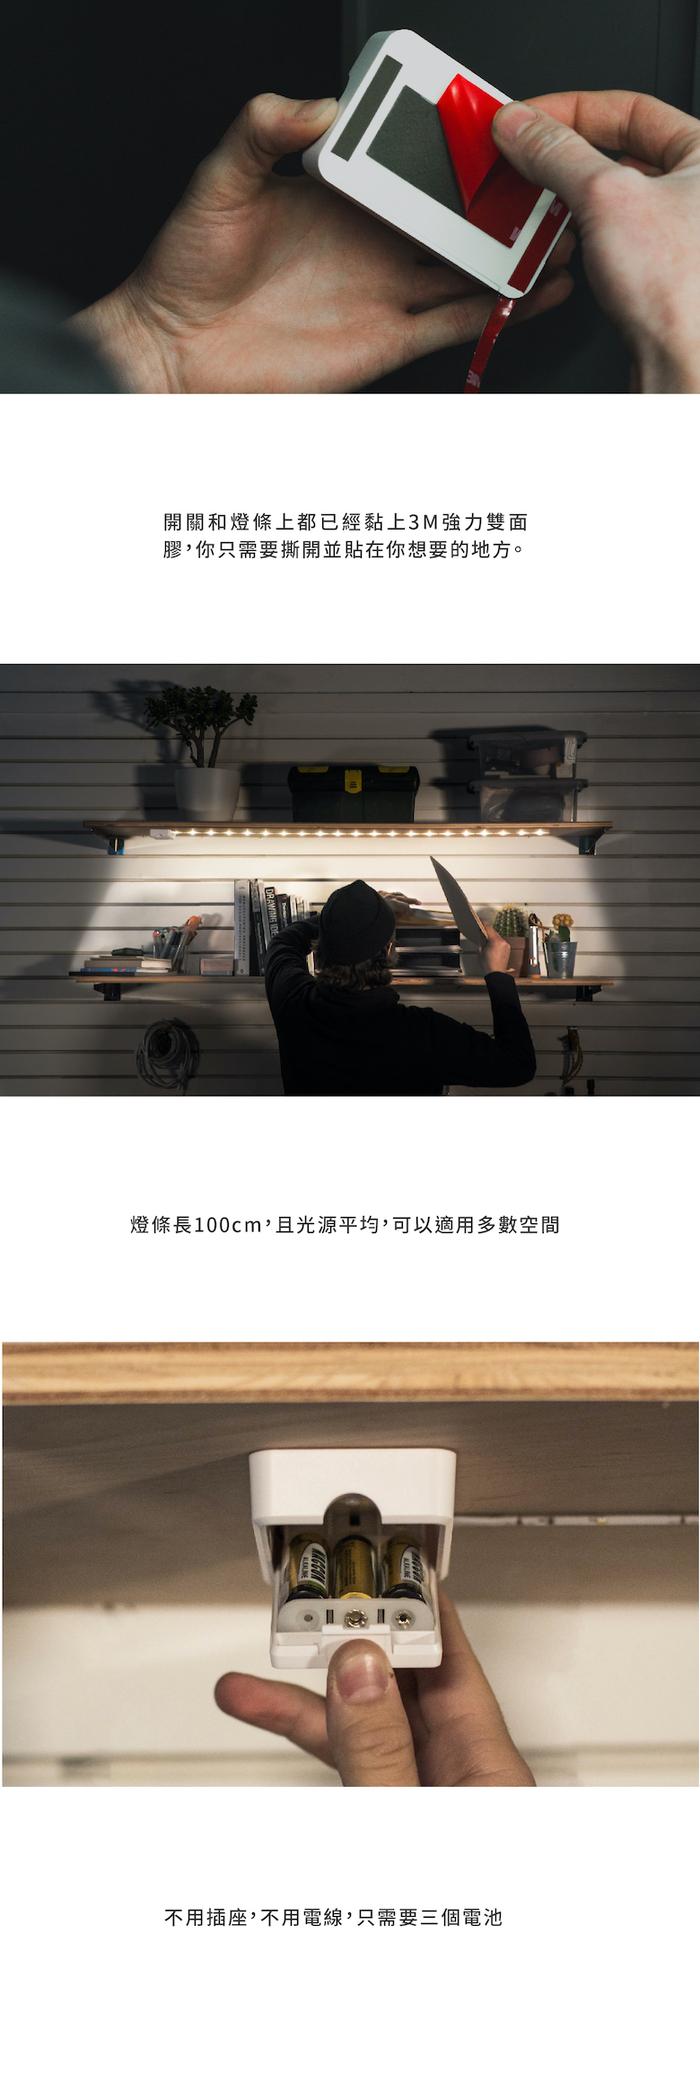 (複製)Luminoodle TASK 便攜式高亮露營LED燈條/USB供電